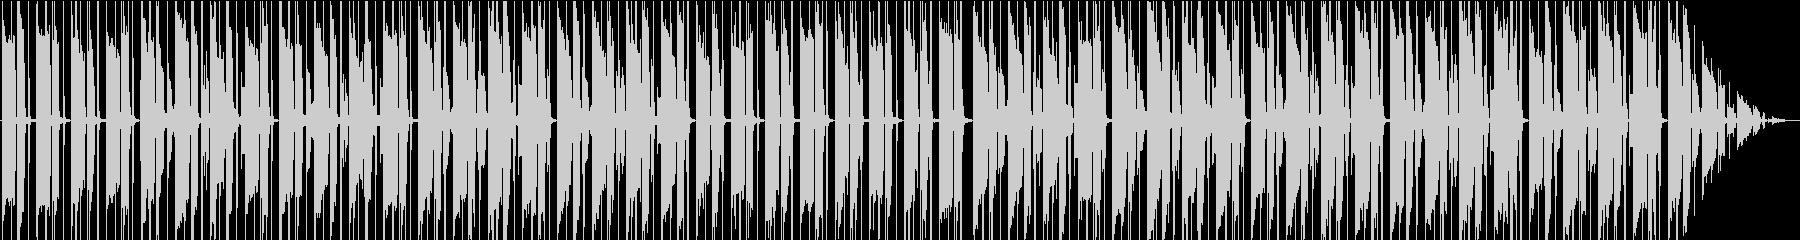 チルアウト・夜・ギターの未再生の波形